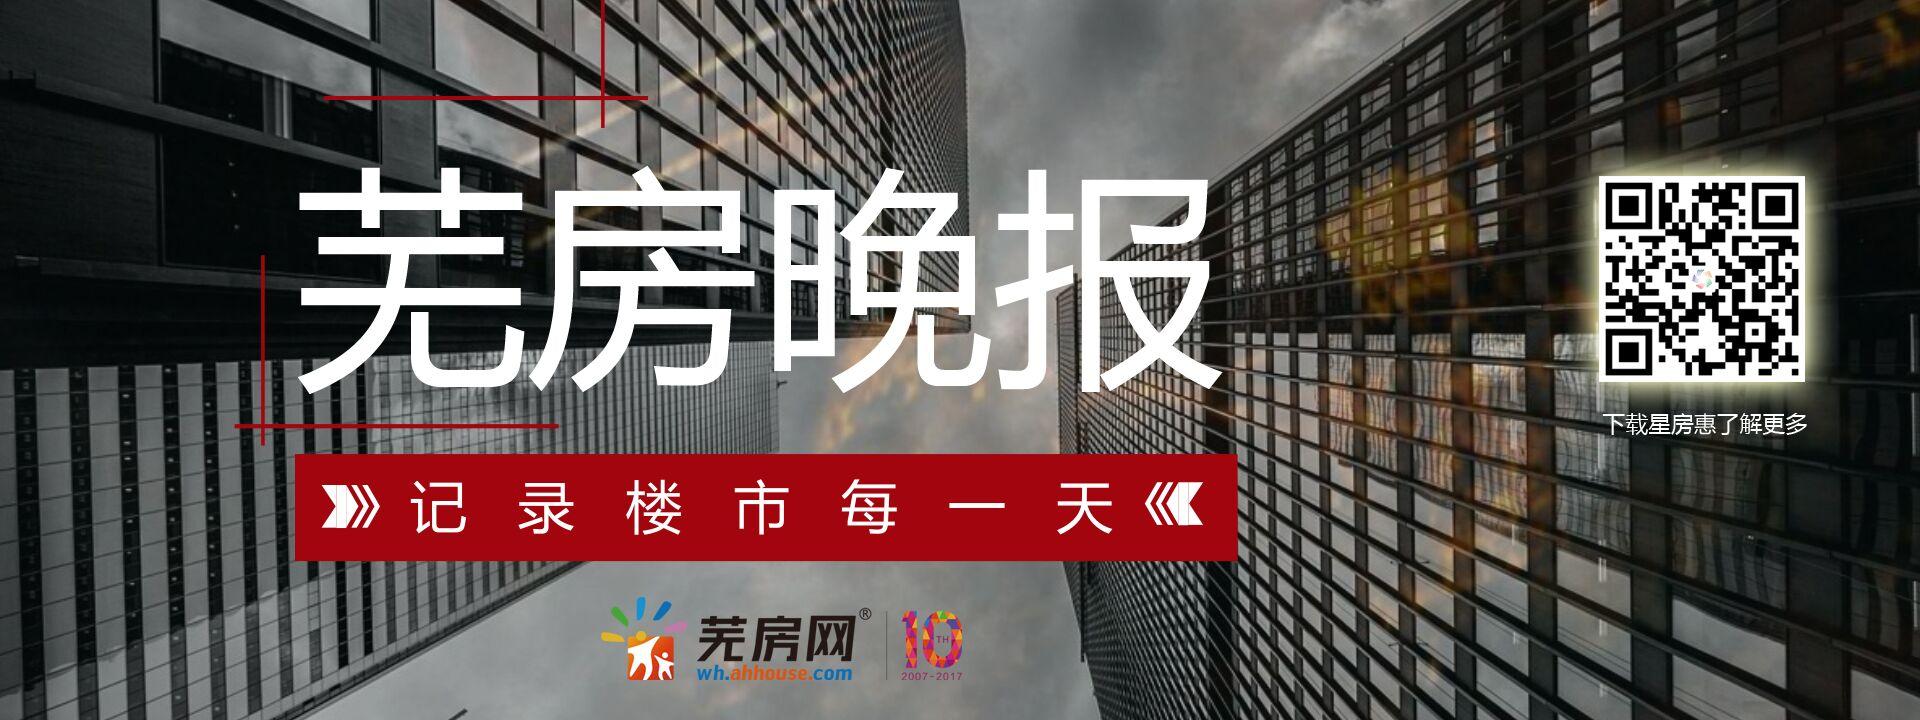 1.12芜房晚报:2018芜湖哪里买房价值大 居然会是它!